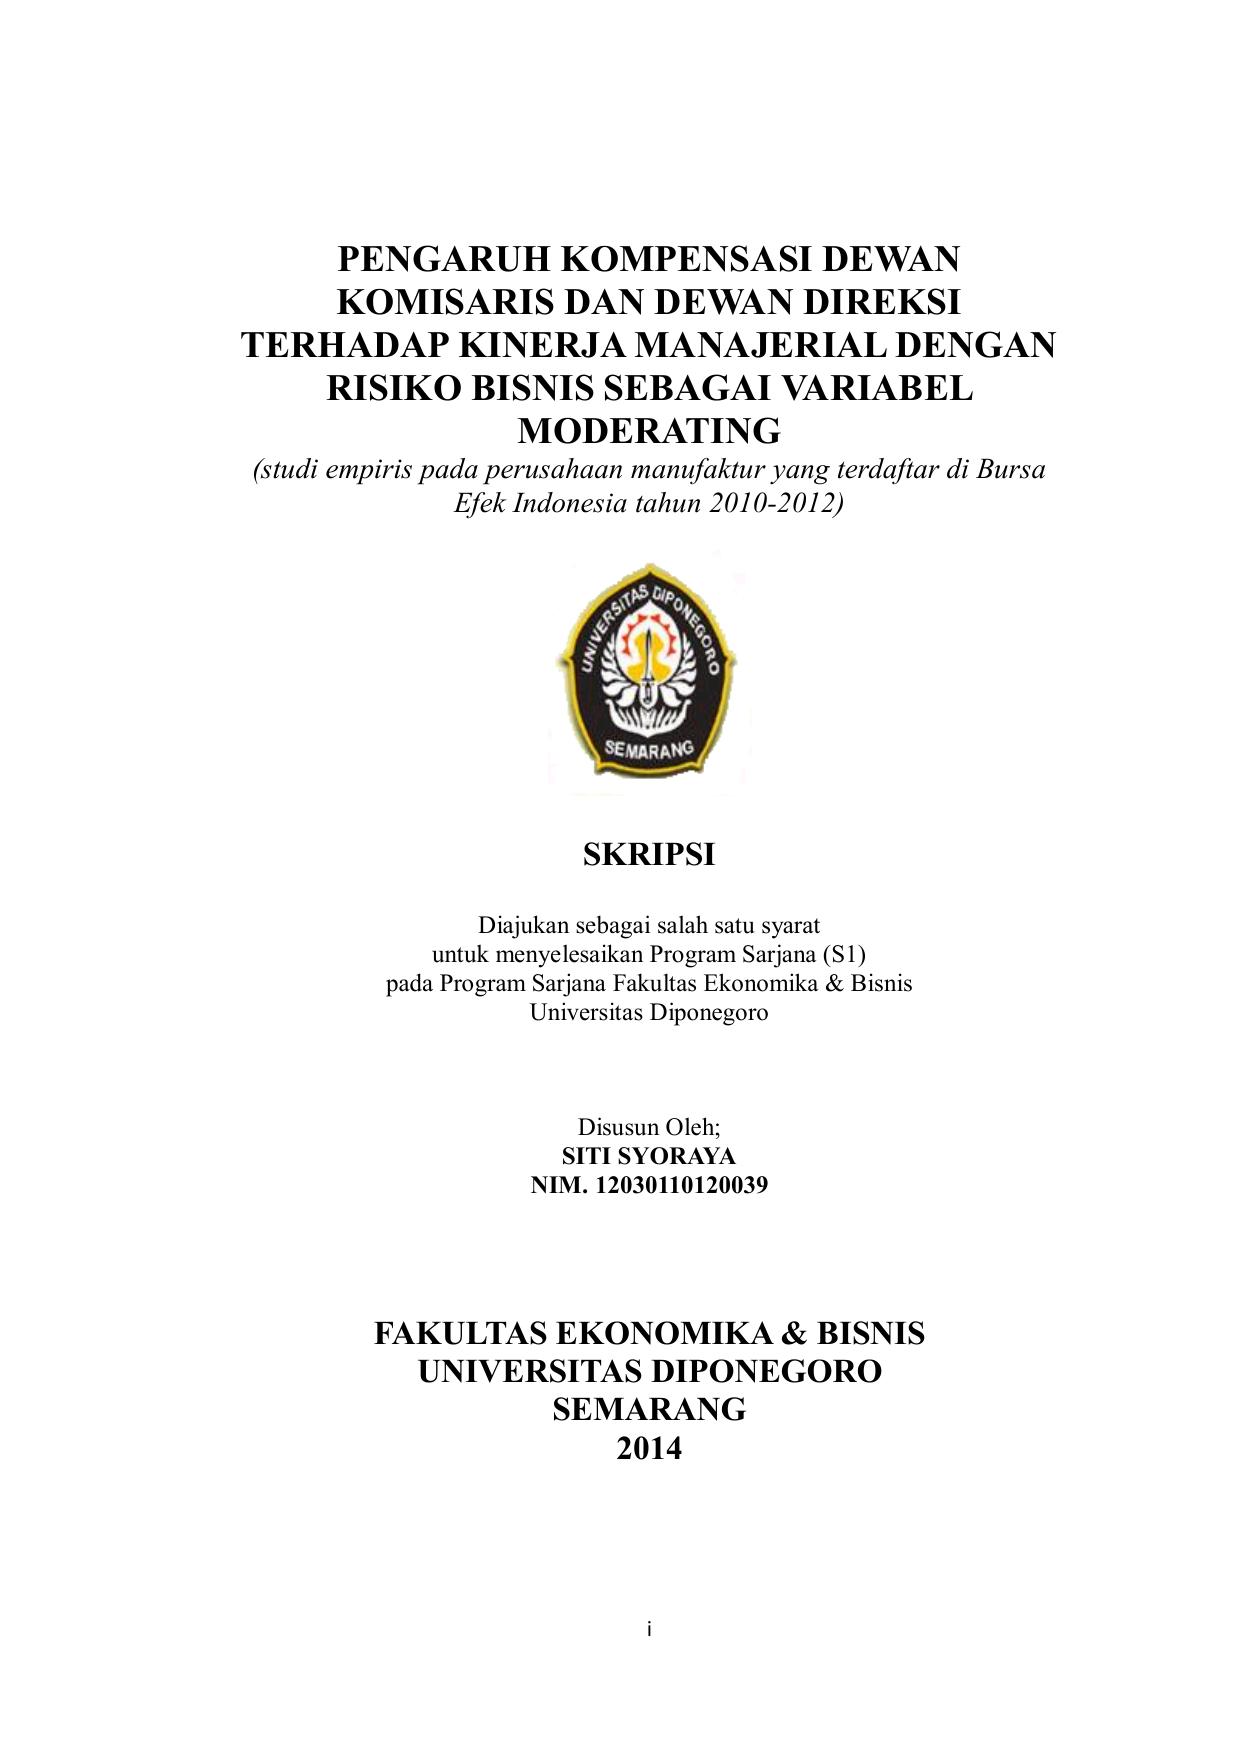 Pengaruh Kompensasi Dewan Komisaris Dan Dewan